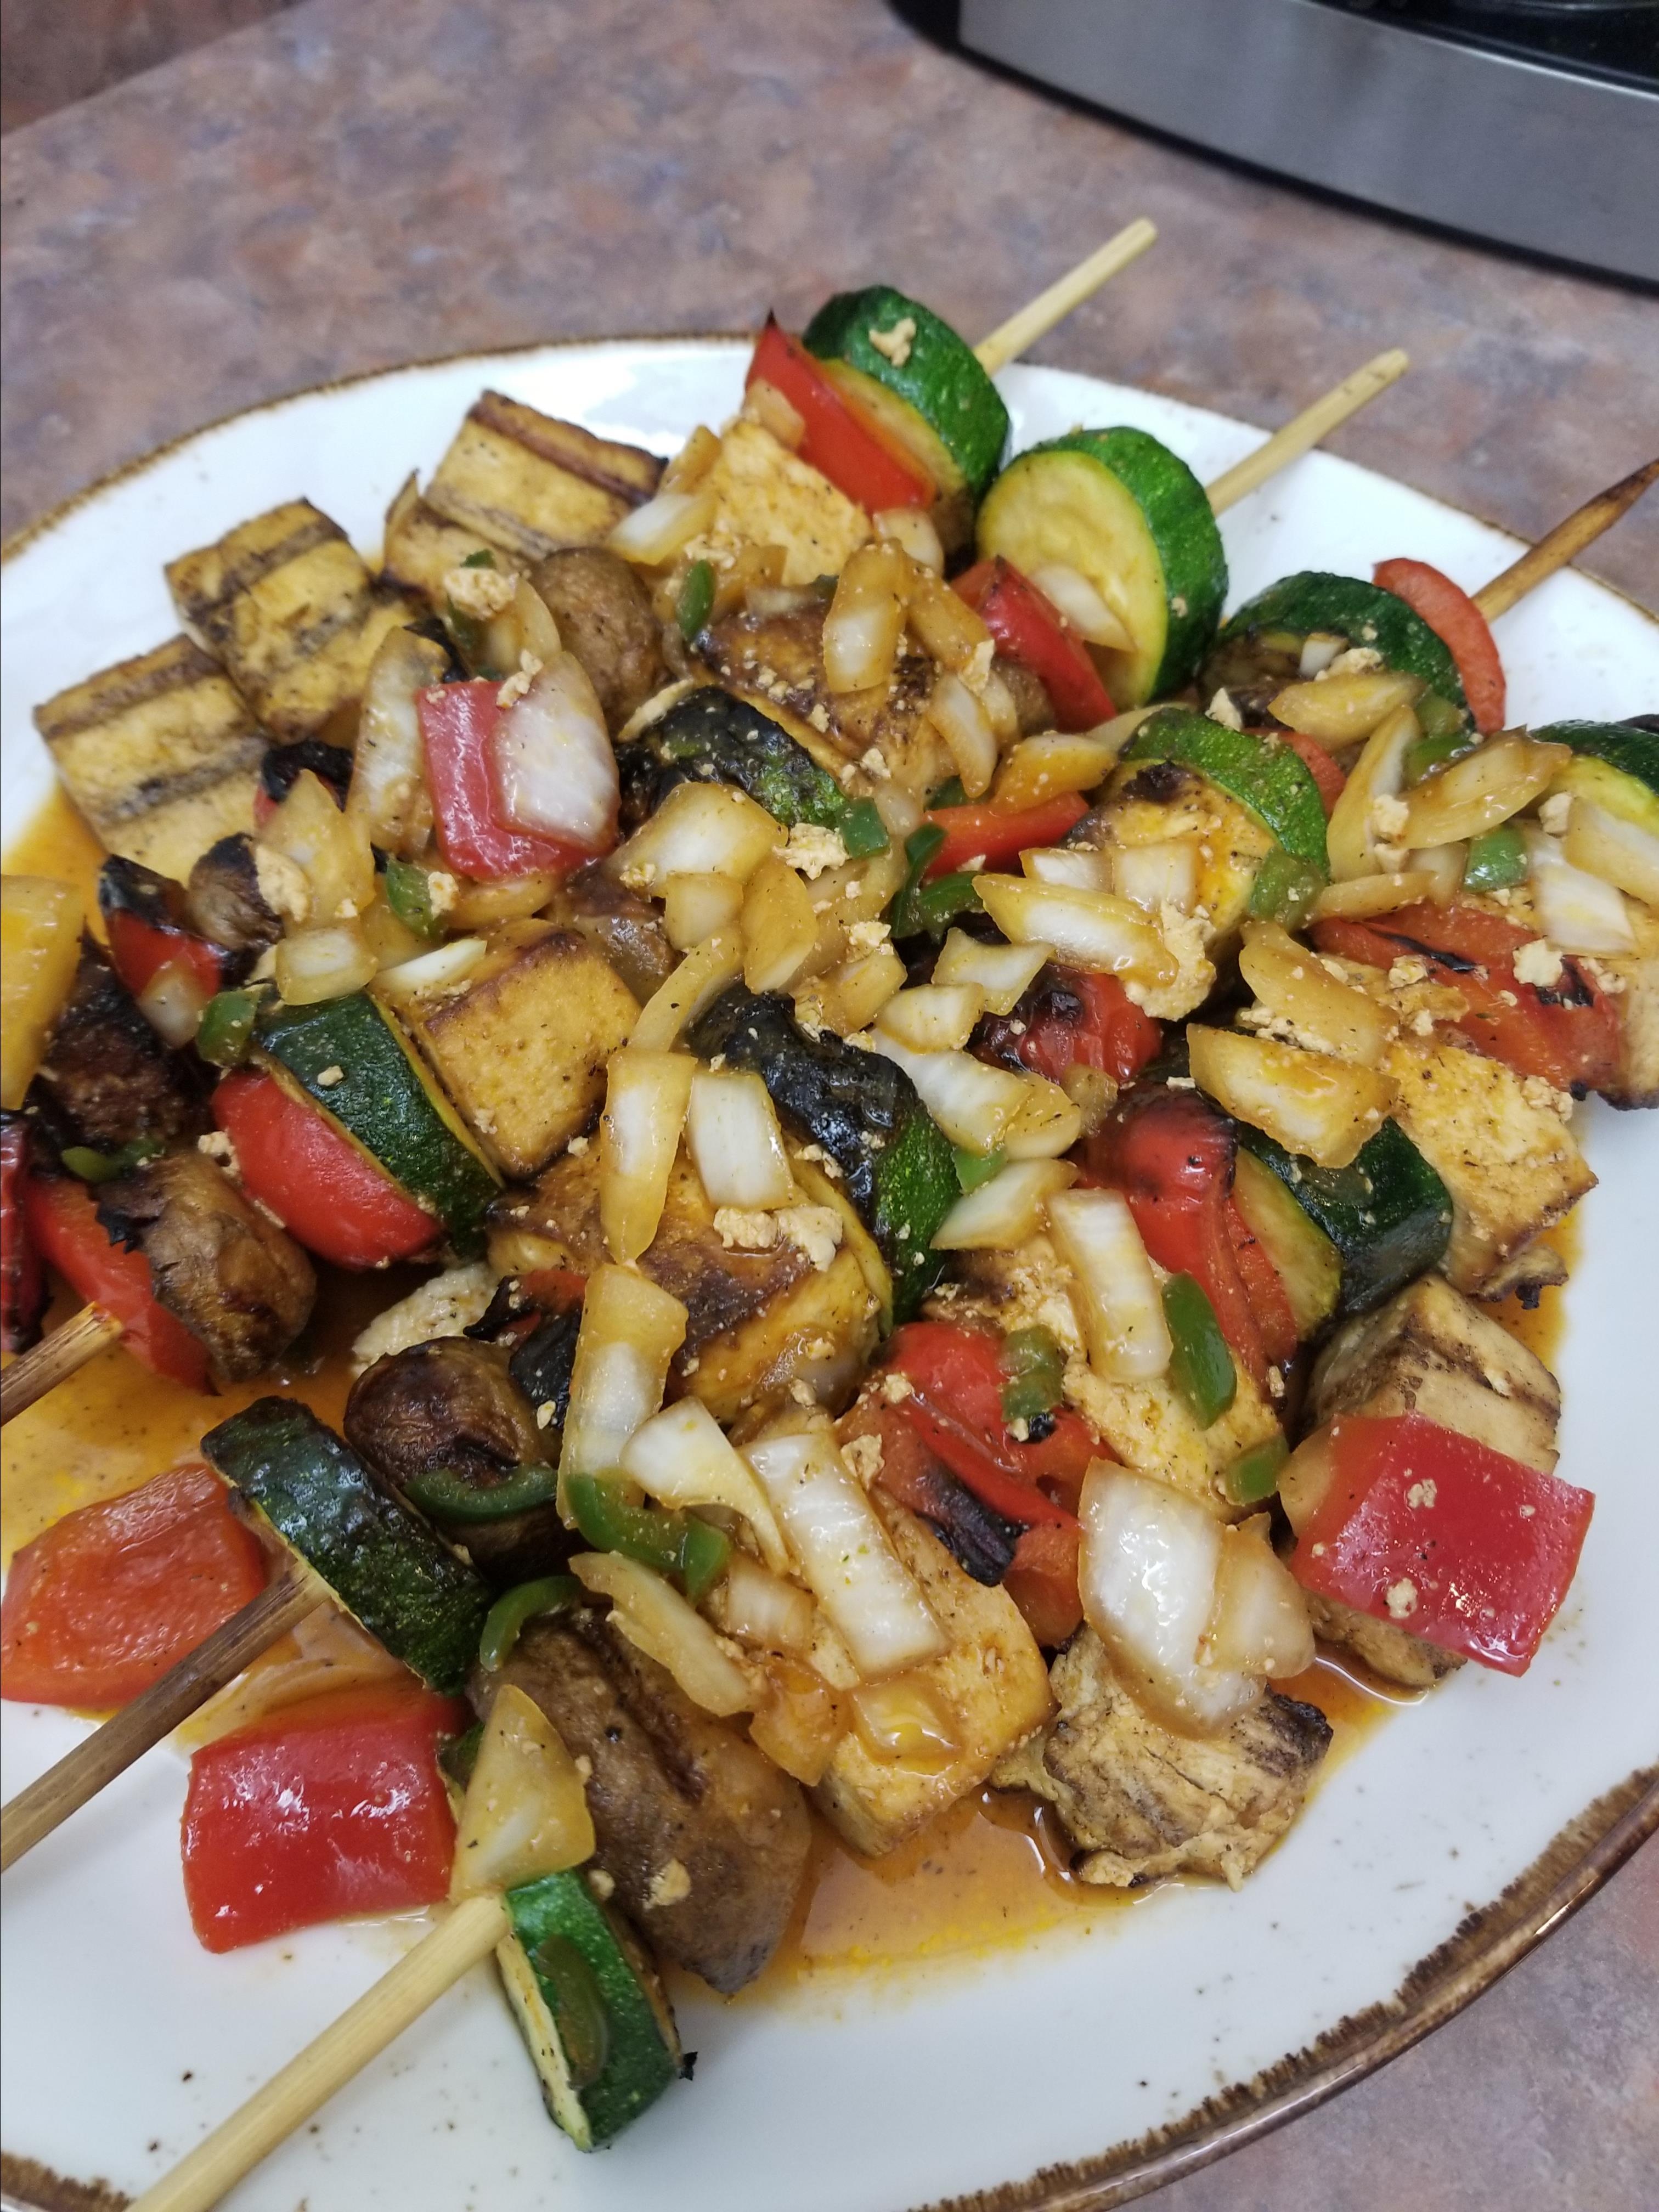 Grilled Tofu Skewers with Sriracha Sauce Kerrin Beirne